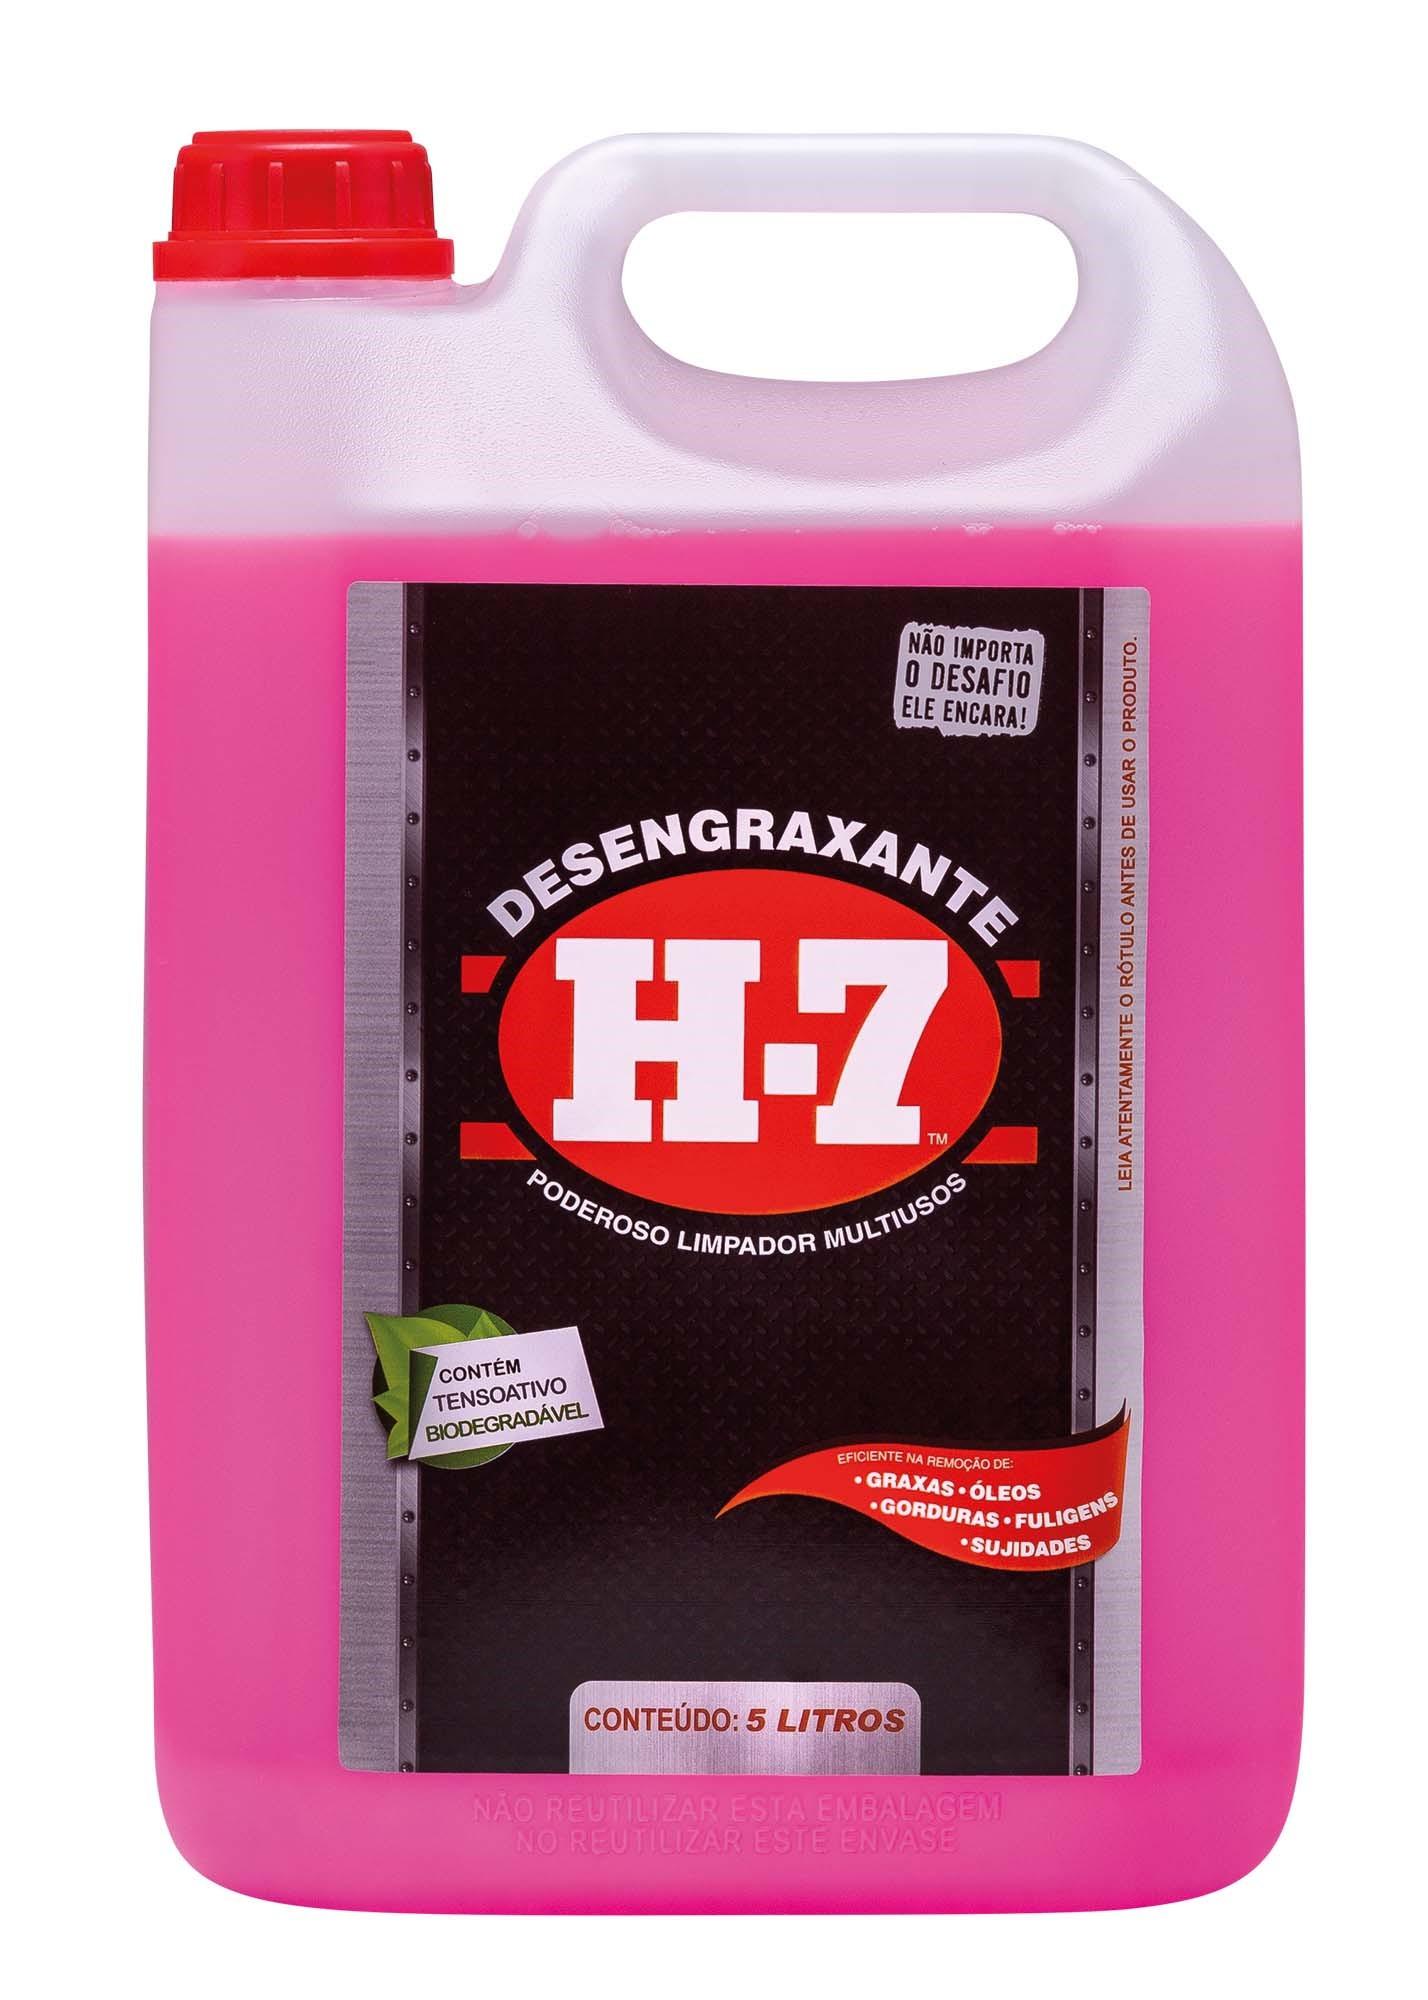 Detergente Desengraxante Multiuso H-7 Refil 5L - Xadrez